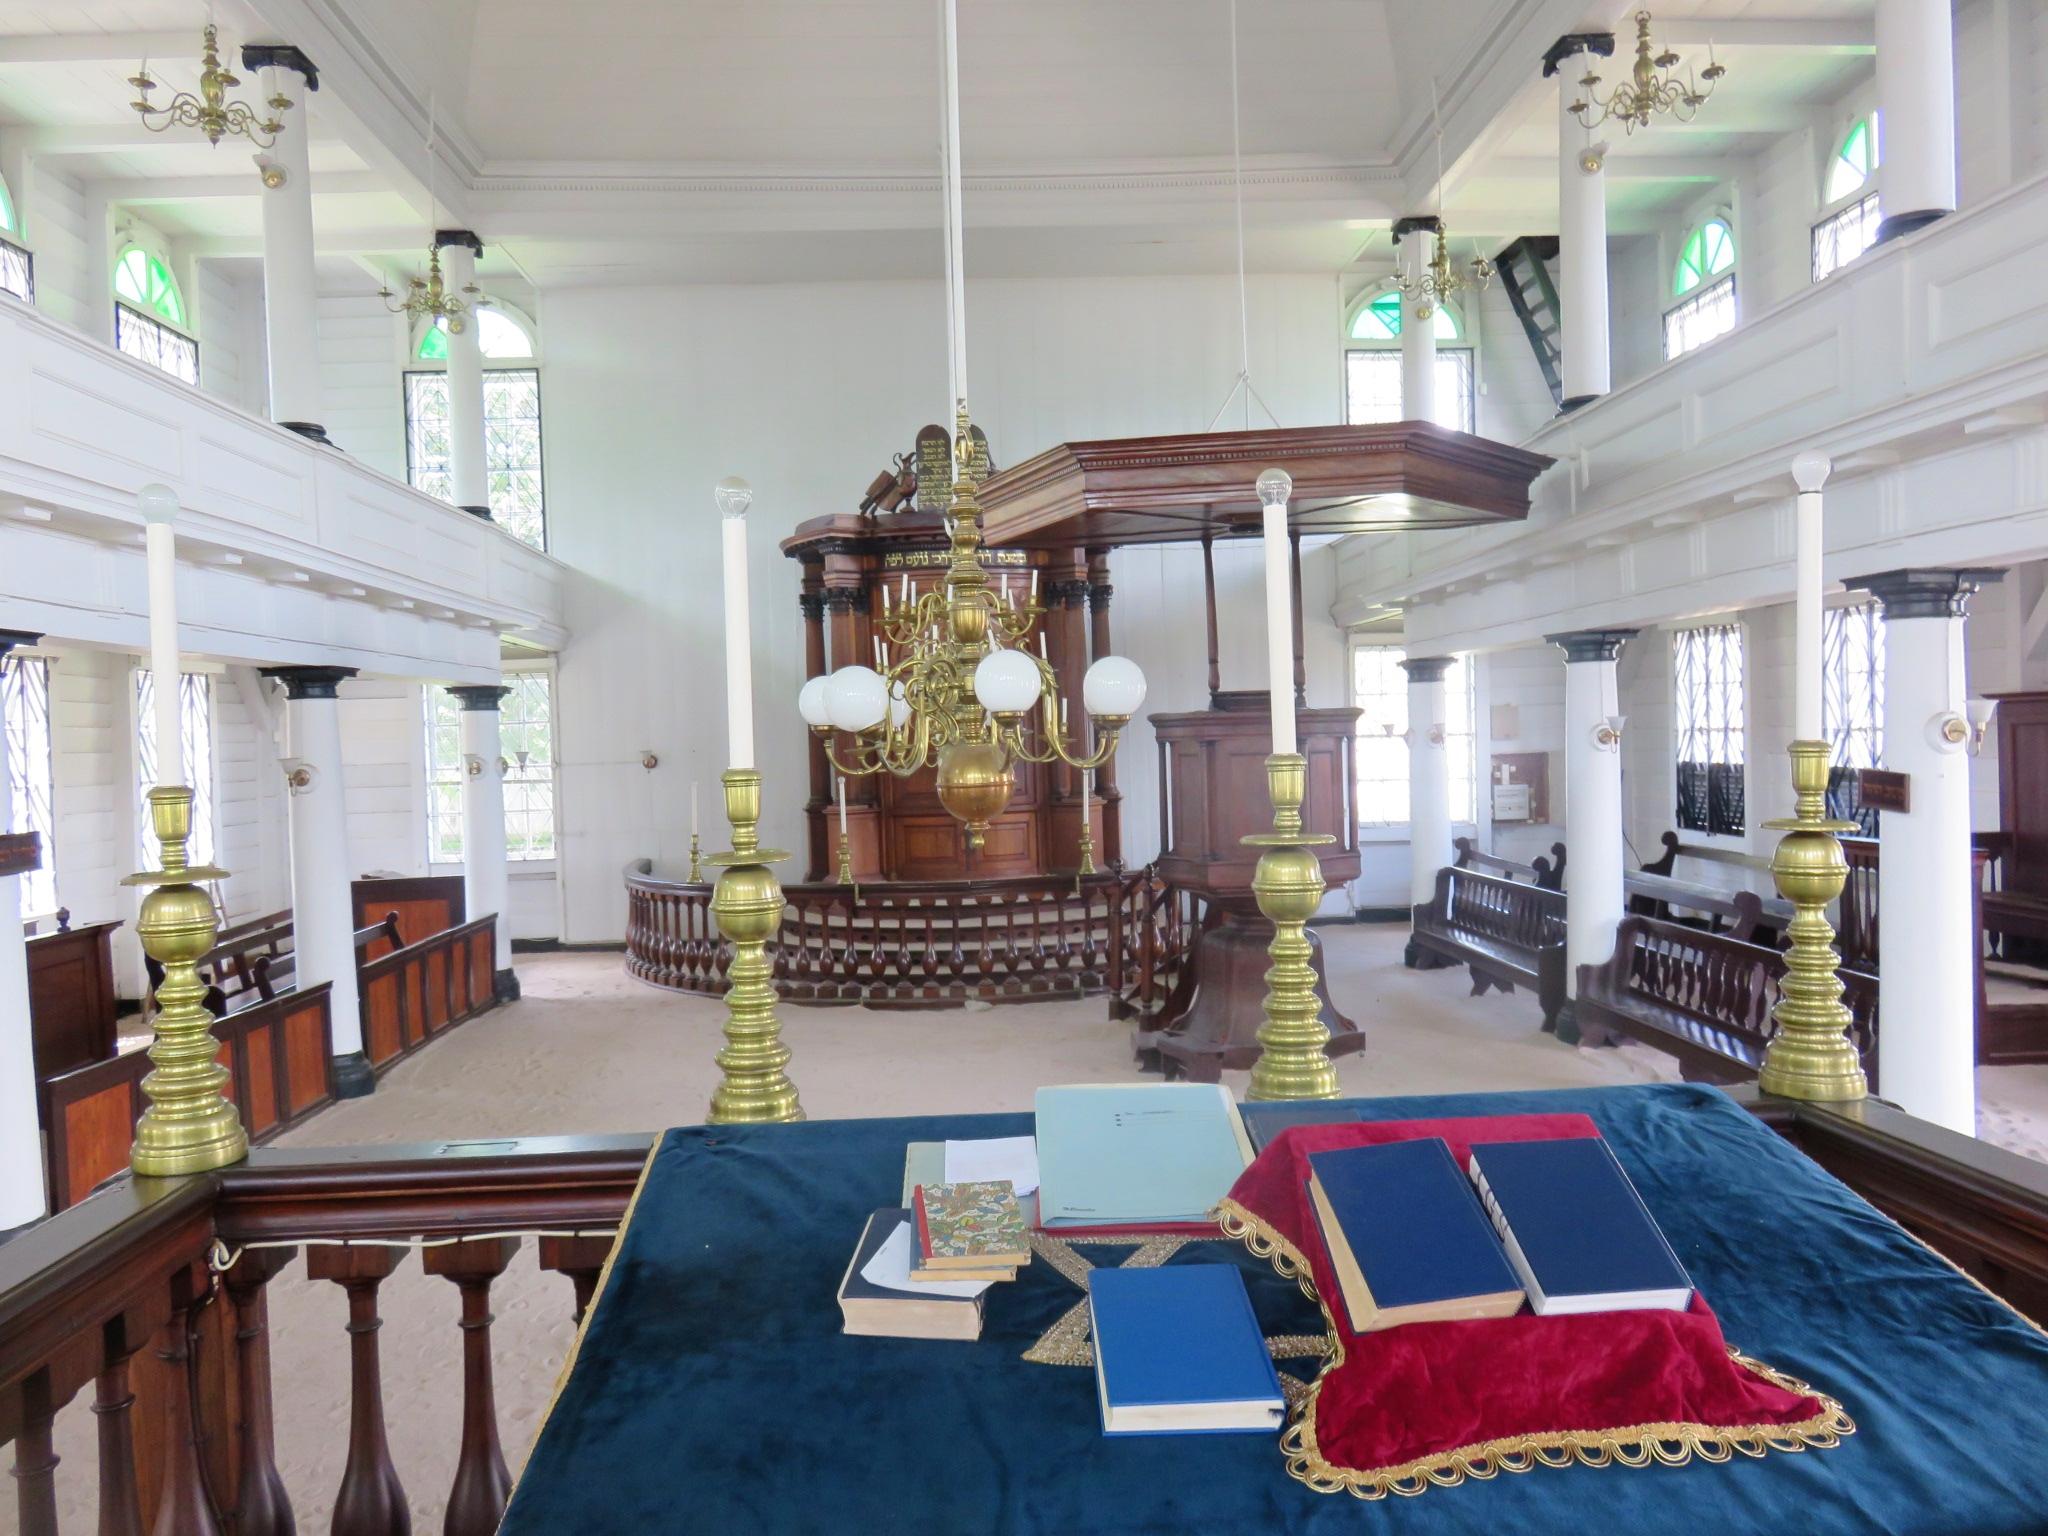 Zsinagóga és mecset, békében egymás mellett